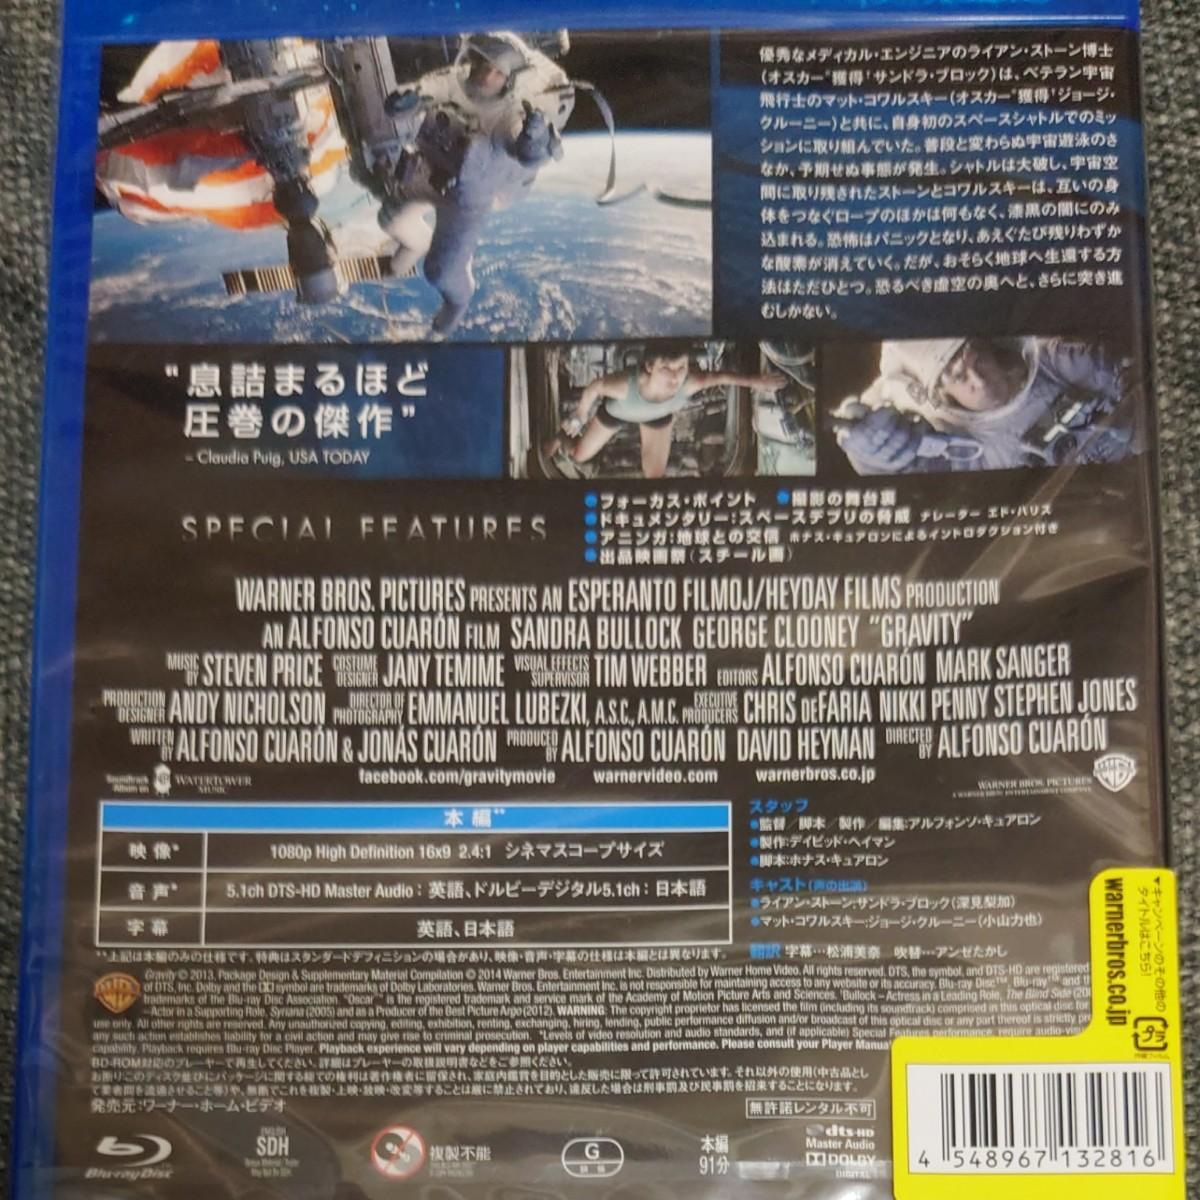 Blu-ray ゼロ・グラビティ